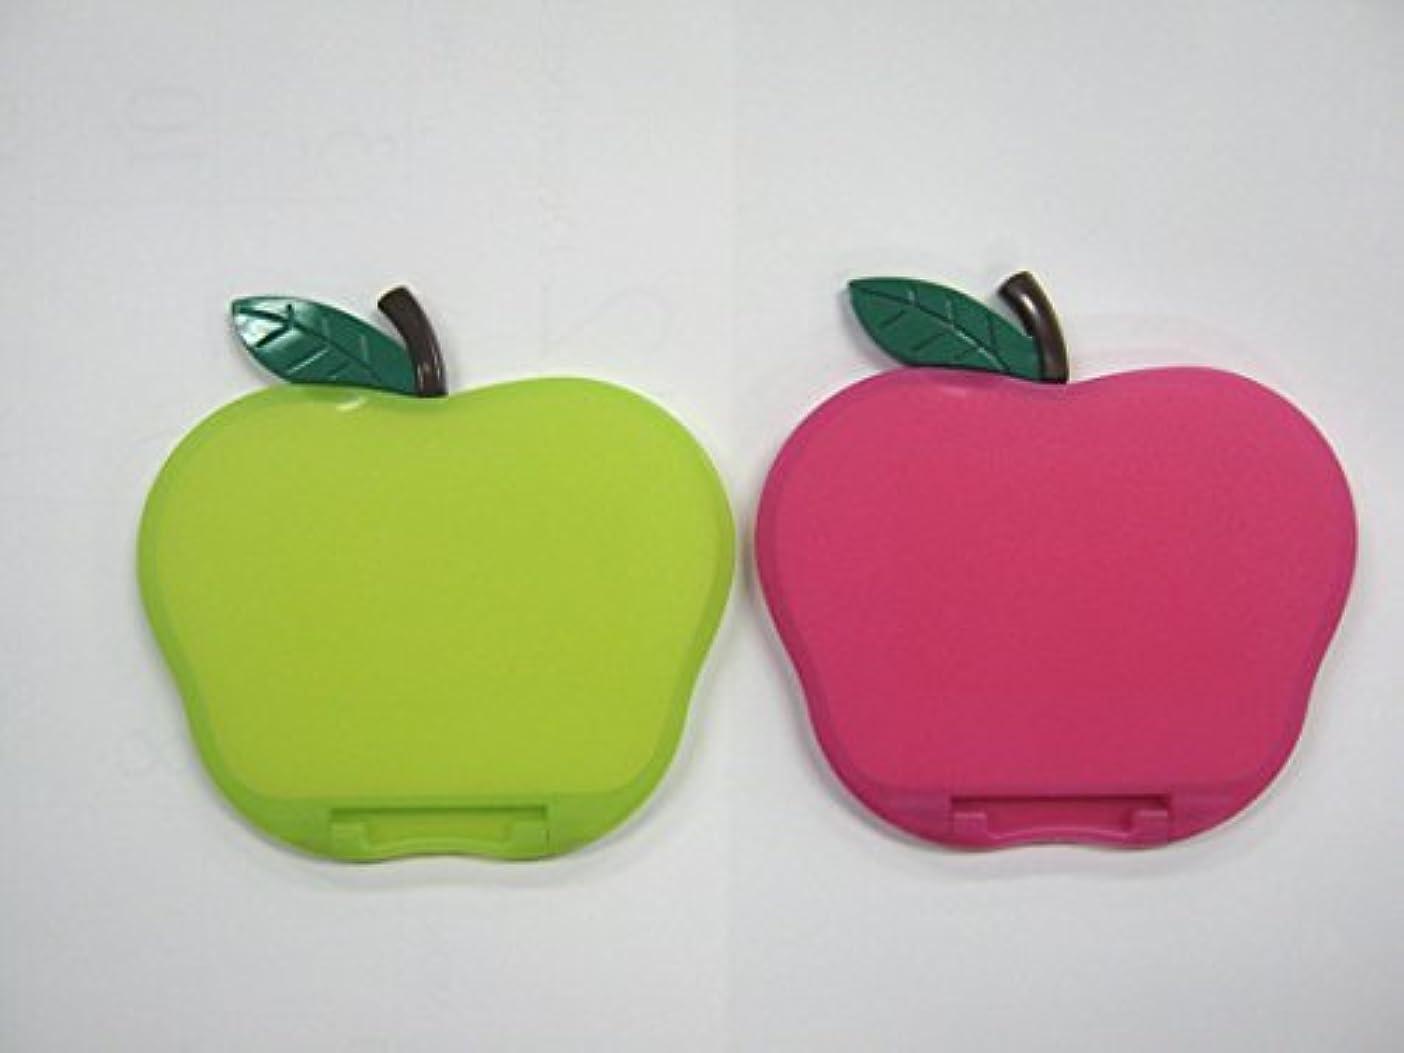 タオル電気アブセイリンゴ型コンパクトミラー カラー:ピンク、グリーン AP580 (グリーン)